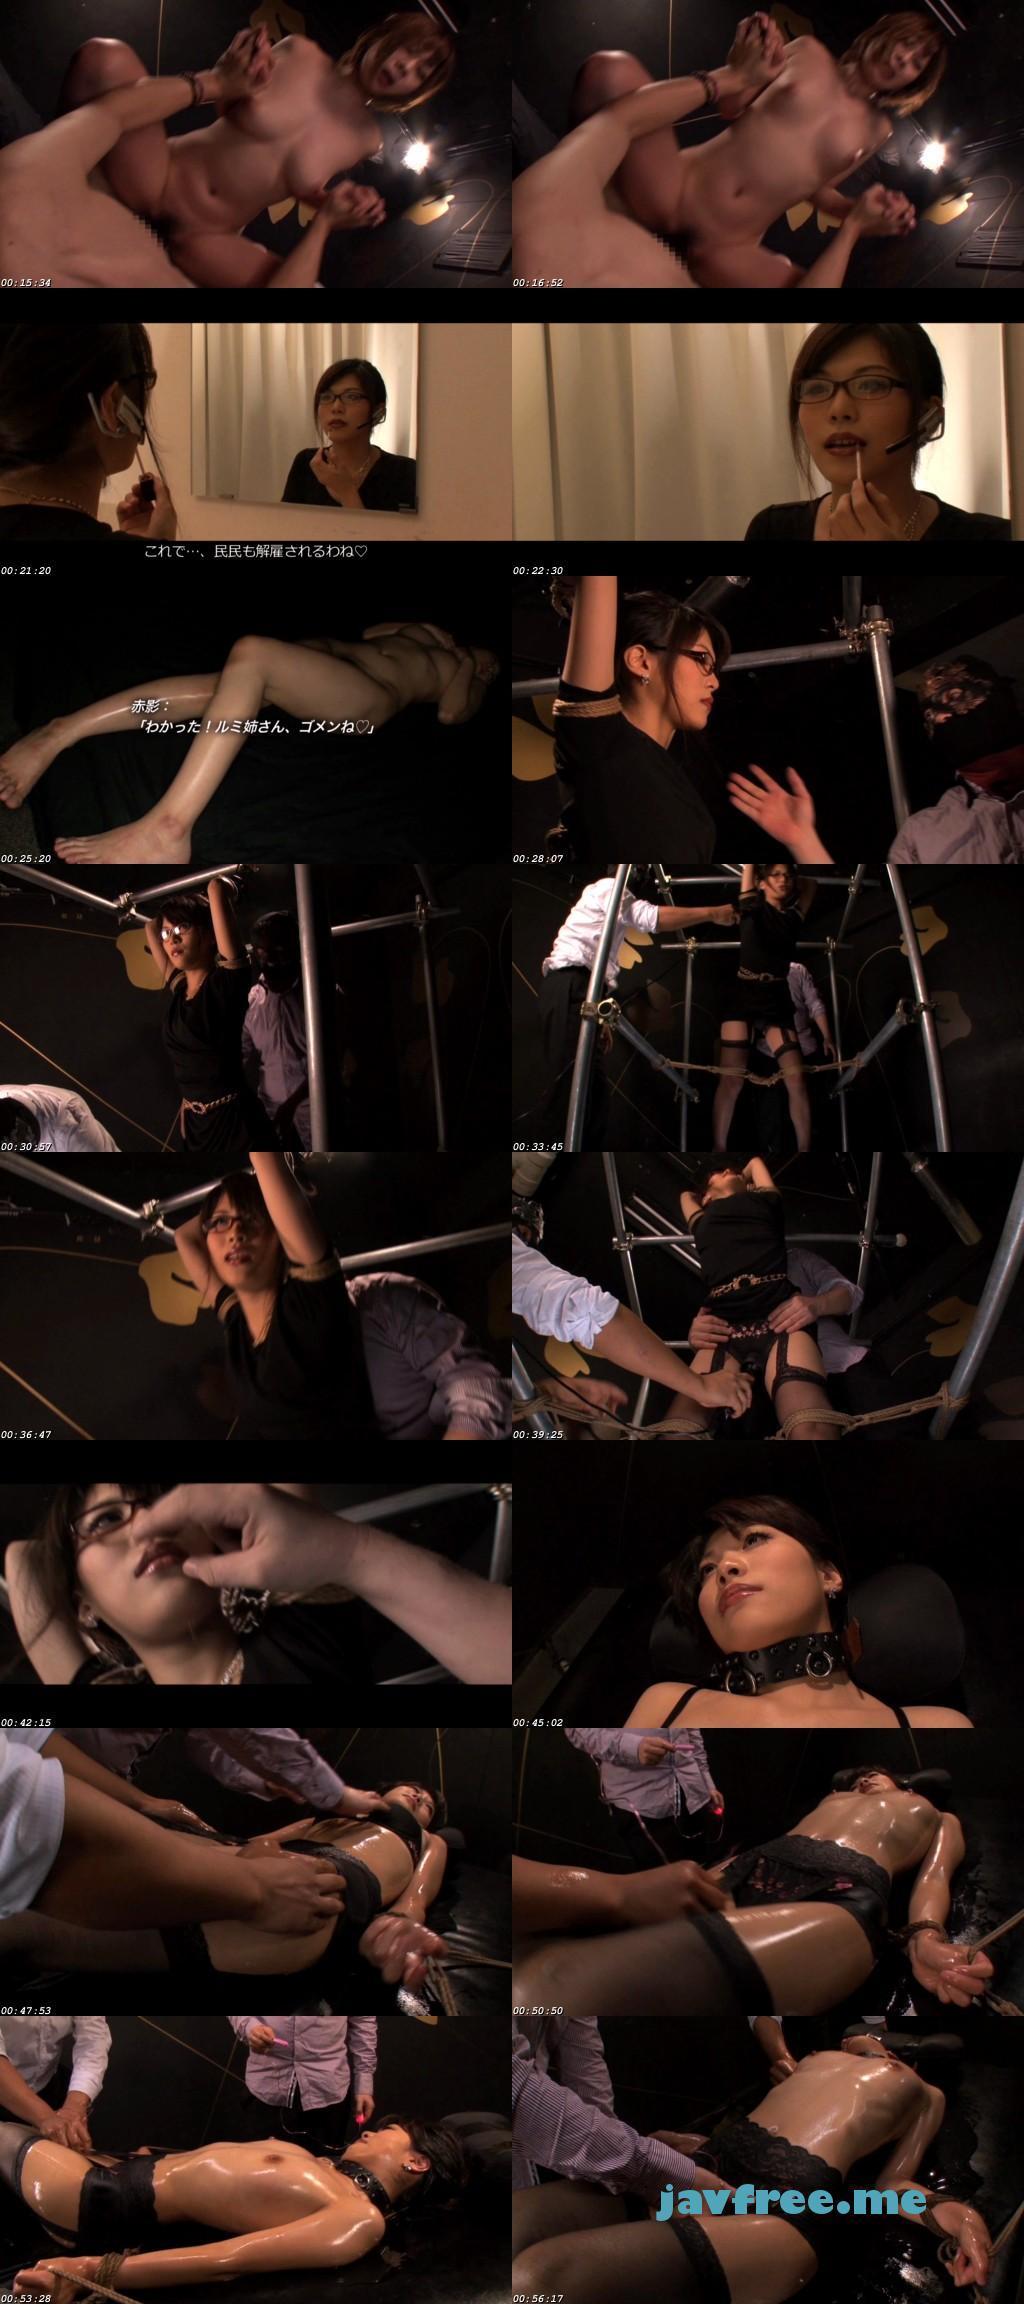 [HD][DPXI 001] [女体陥落プログラム] 恍惚PX  Inspection 01「難攻不落の女スパイ ~イキ過ぎた人体実験~」間宮ここ 城井聖花 間宮ココ 城井聖花 DPXI